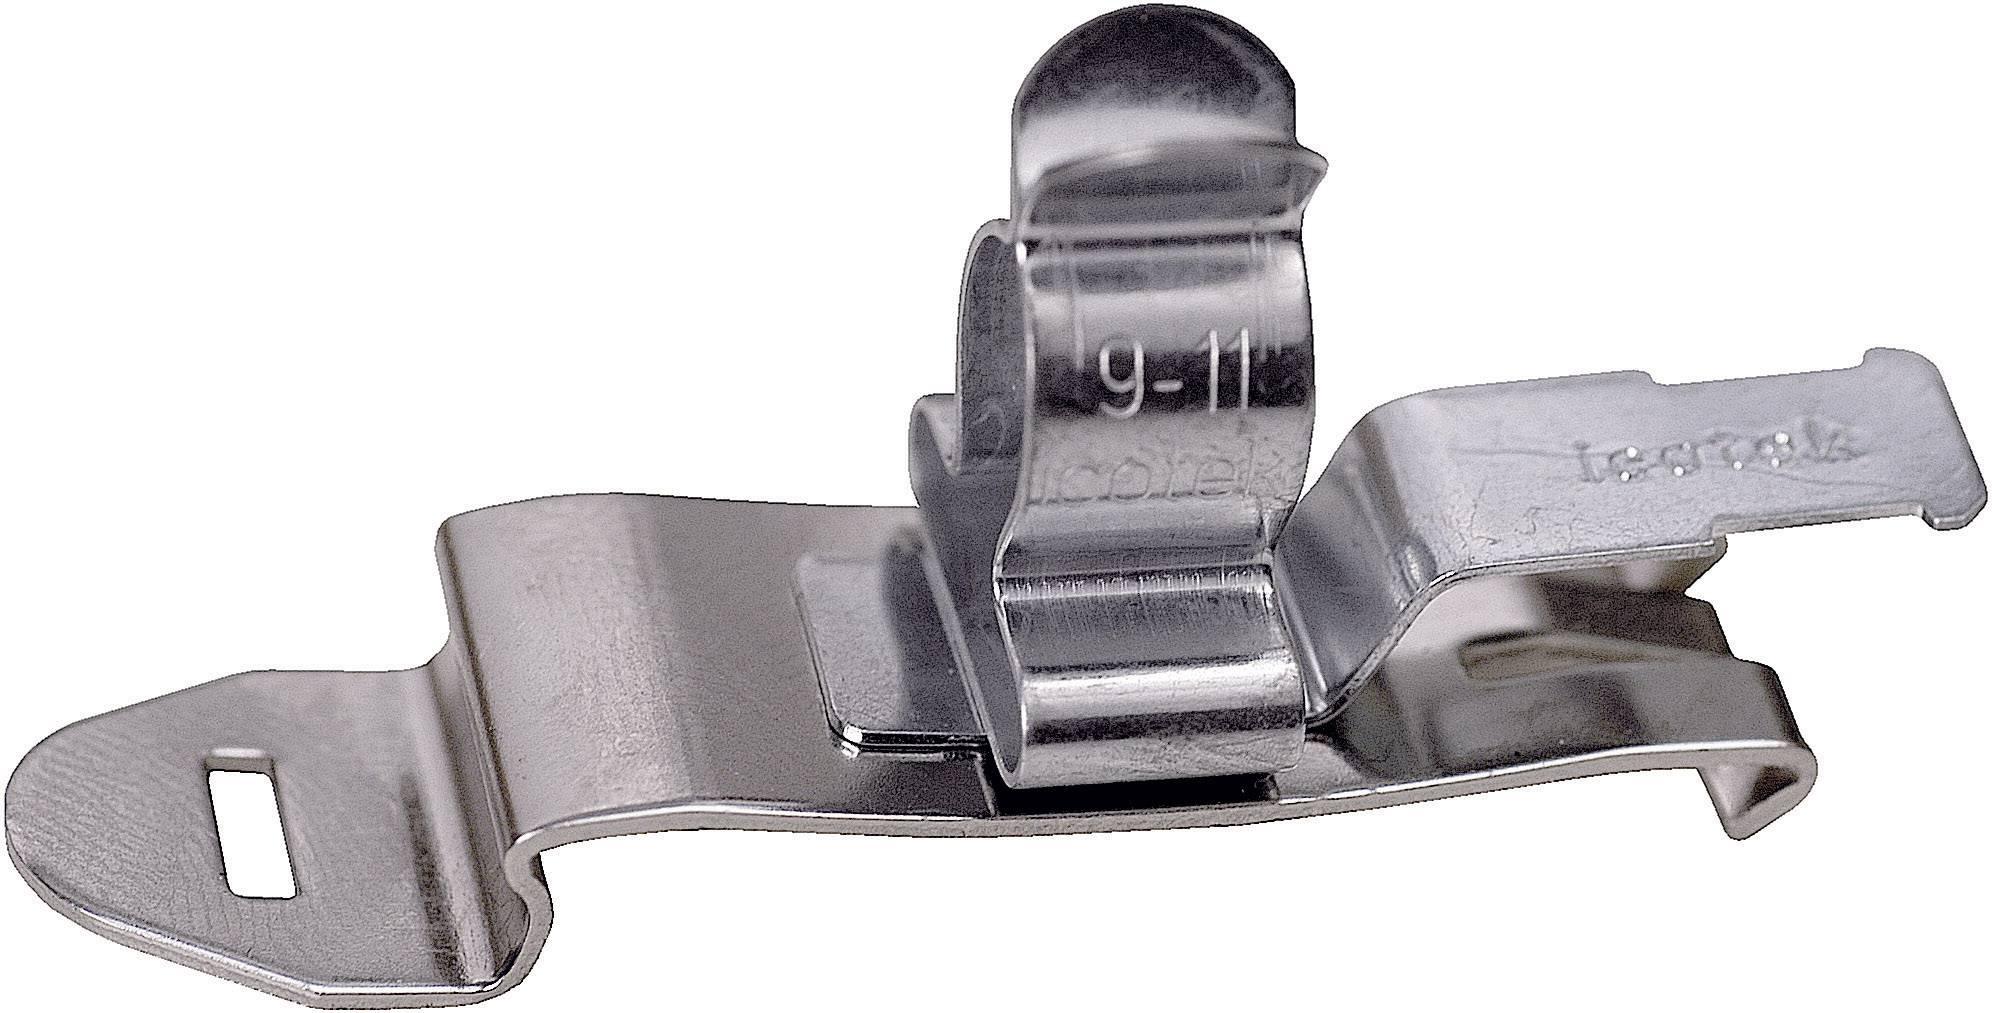 Icotek Zaščitna sponka SFZ SFZ|SKL 1,5-3 za kabel- 1.5 - 3 mm, pocinkano vzmetno jeklo